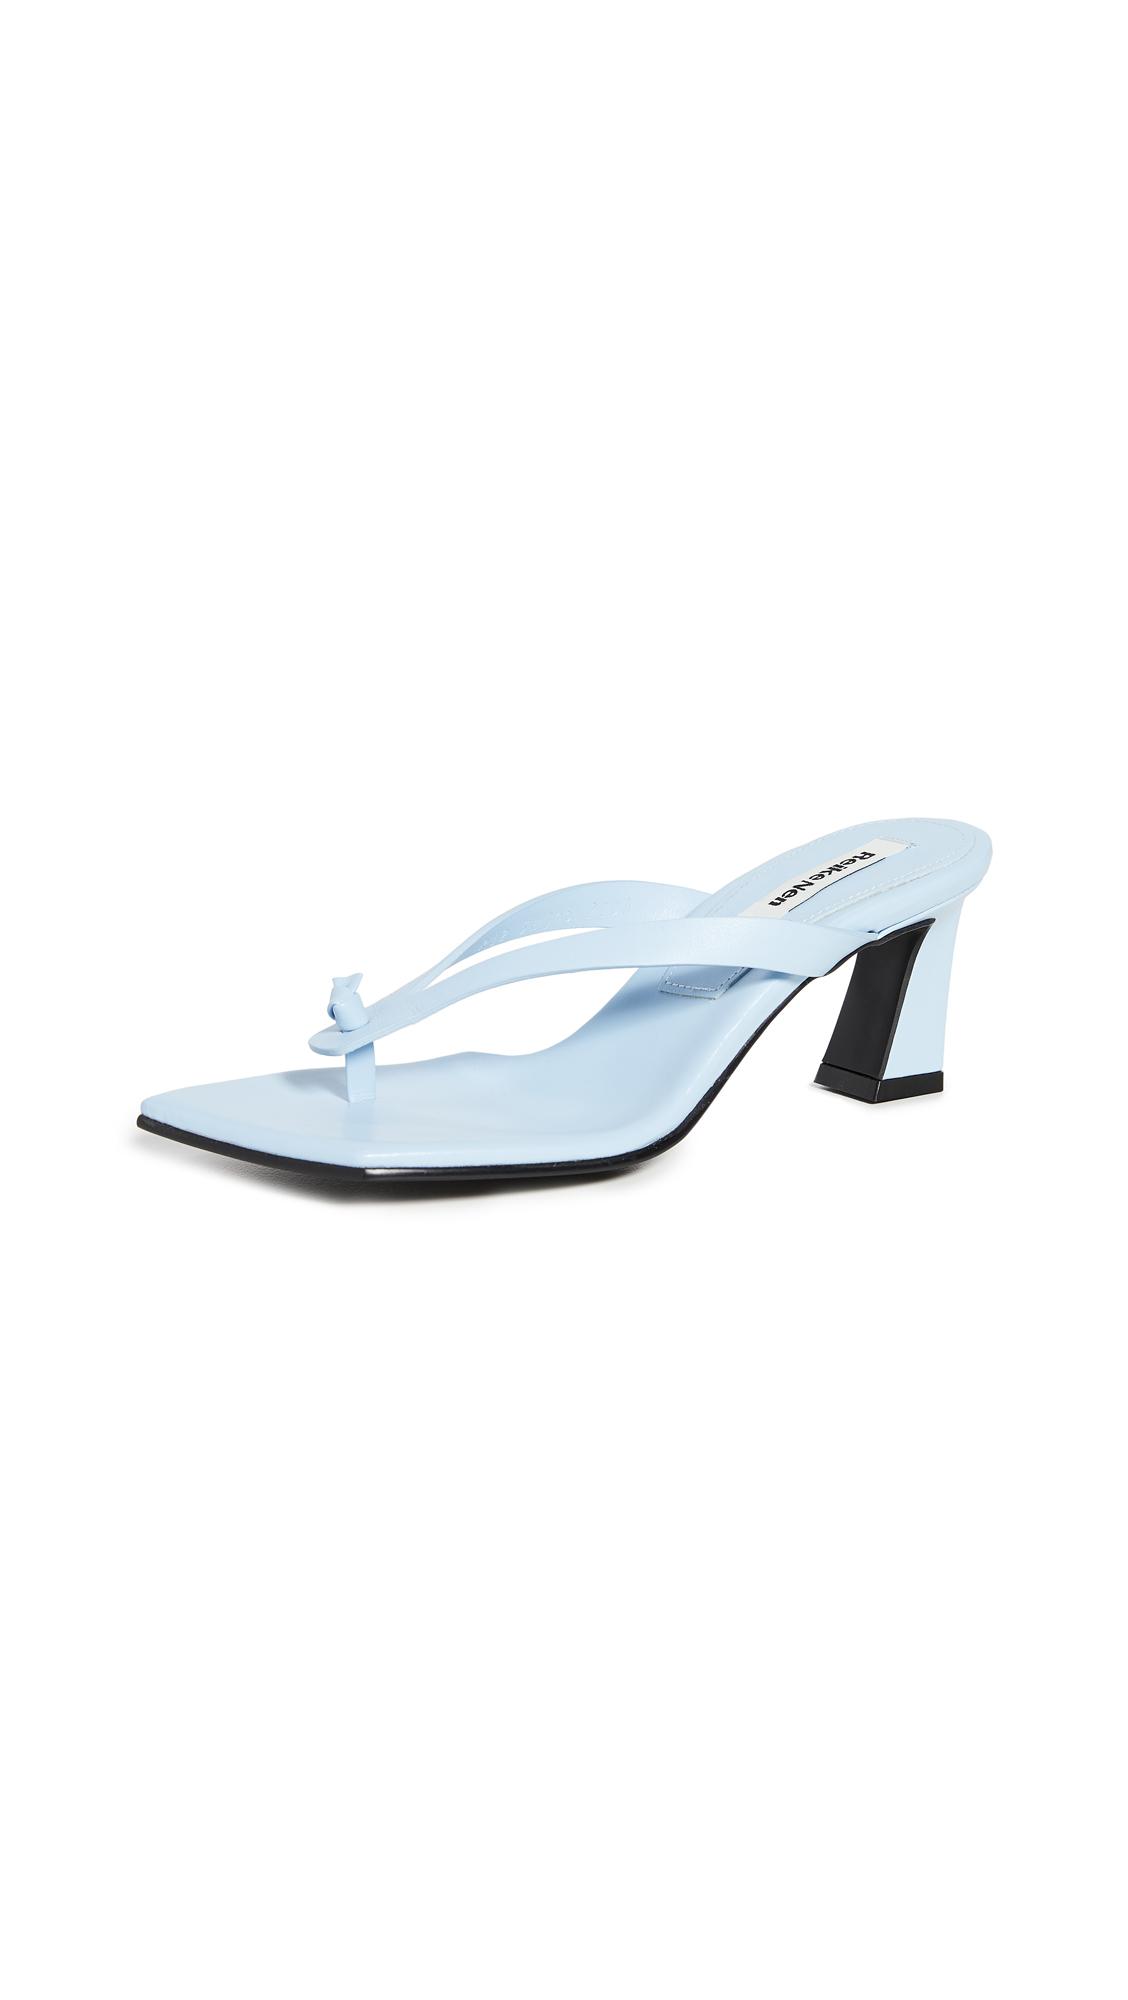 Buy Reike Nen Flip-Flop Heel Sandals online, shop Reike Nen